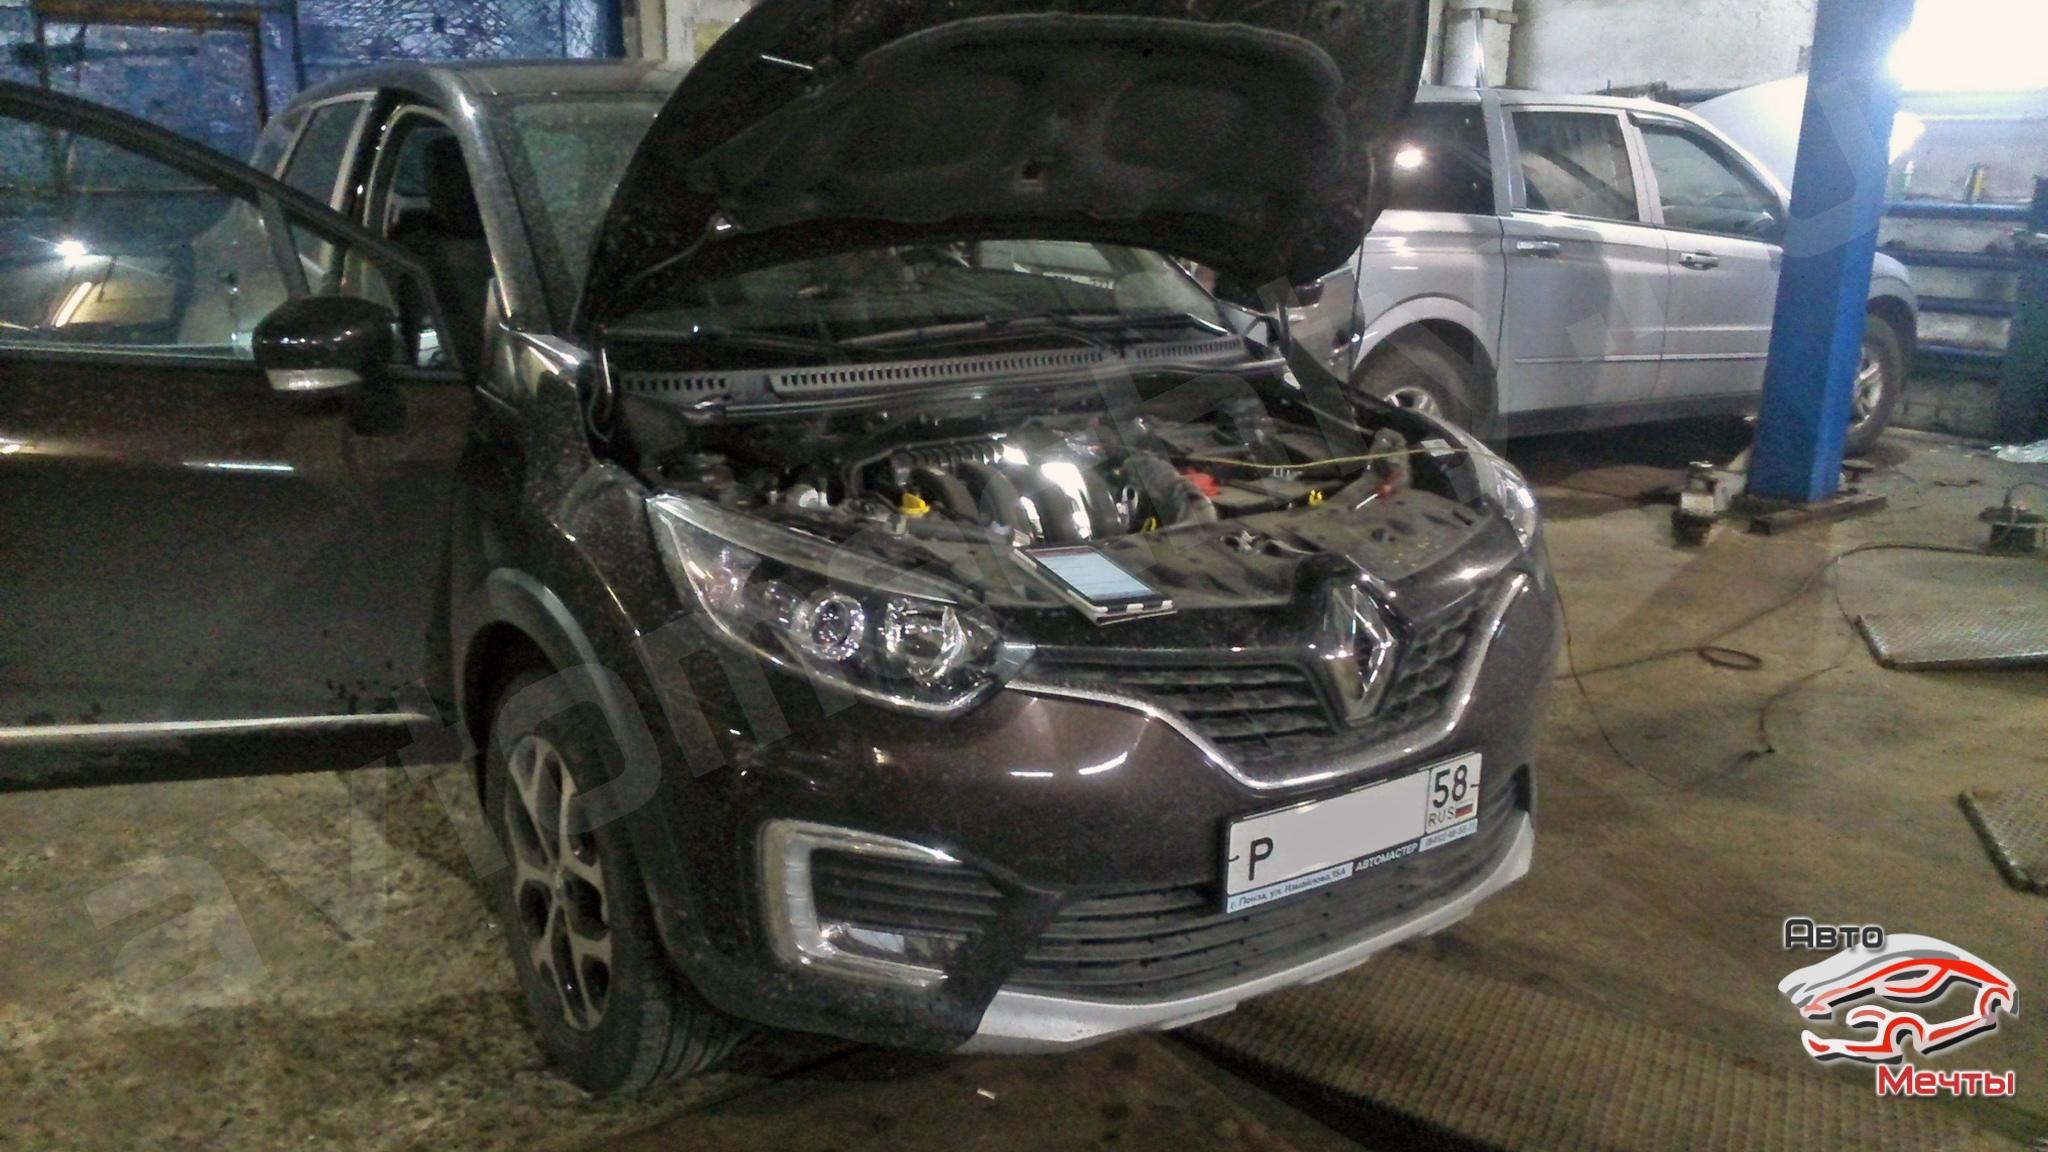 Чип тюнинг Renault Kaptur в Пензе